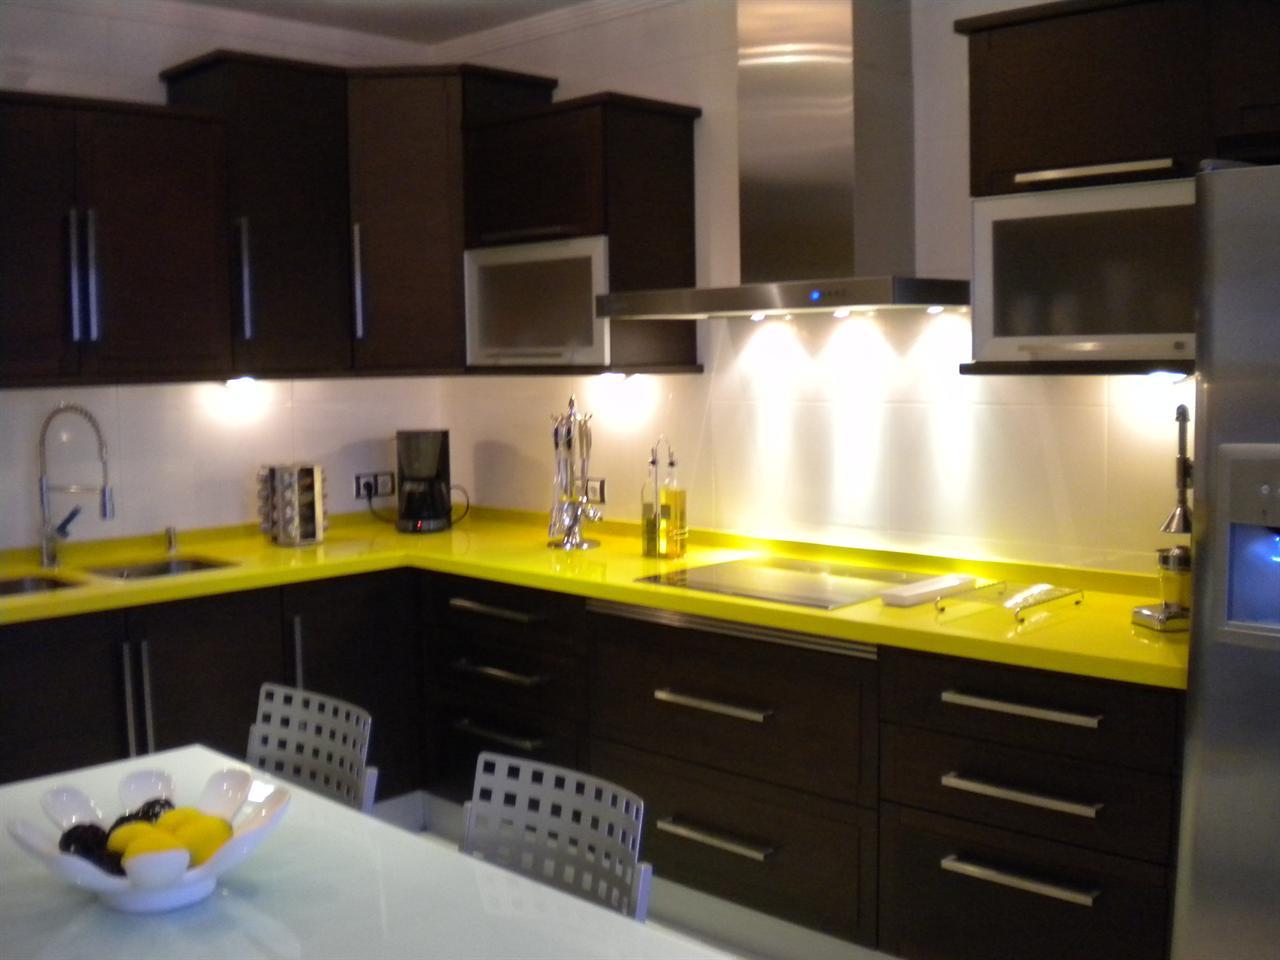 Cocinas mari carmen venta y montaje de muebles de cocina for Registro bienes muebles ciudad real